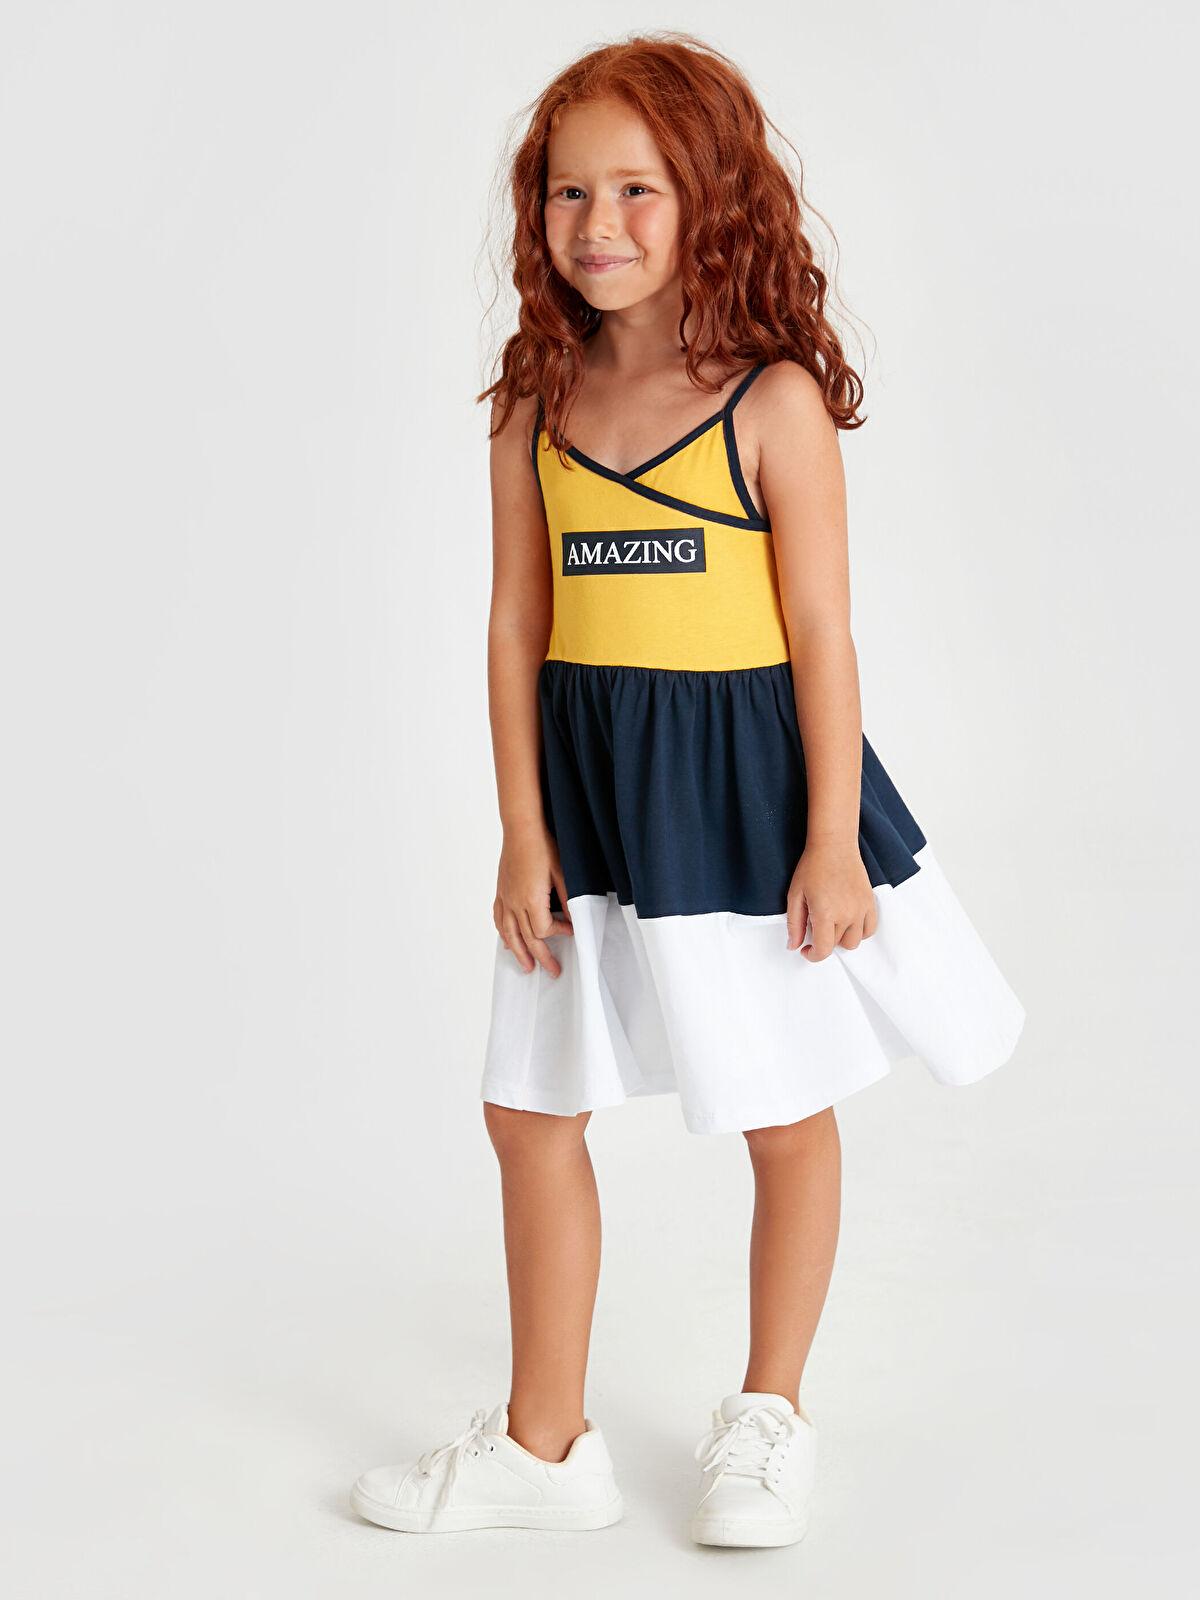 Aile Koleksiyonu Kız Çocuk Yazı Baskılı Pamuklu Elbise - LC WAIKIKI